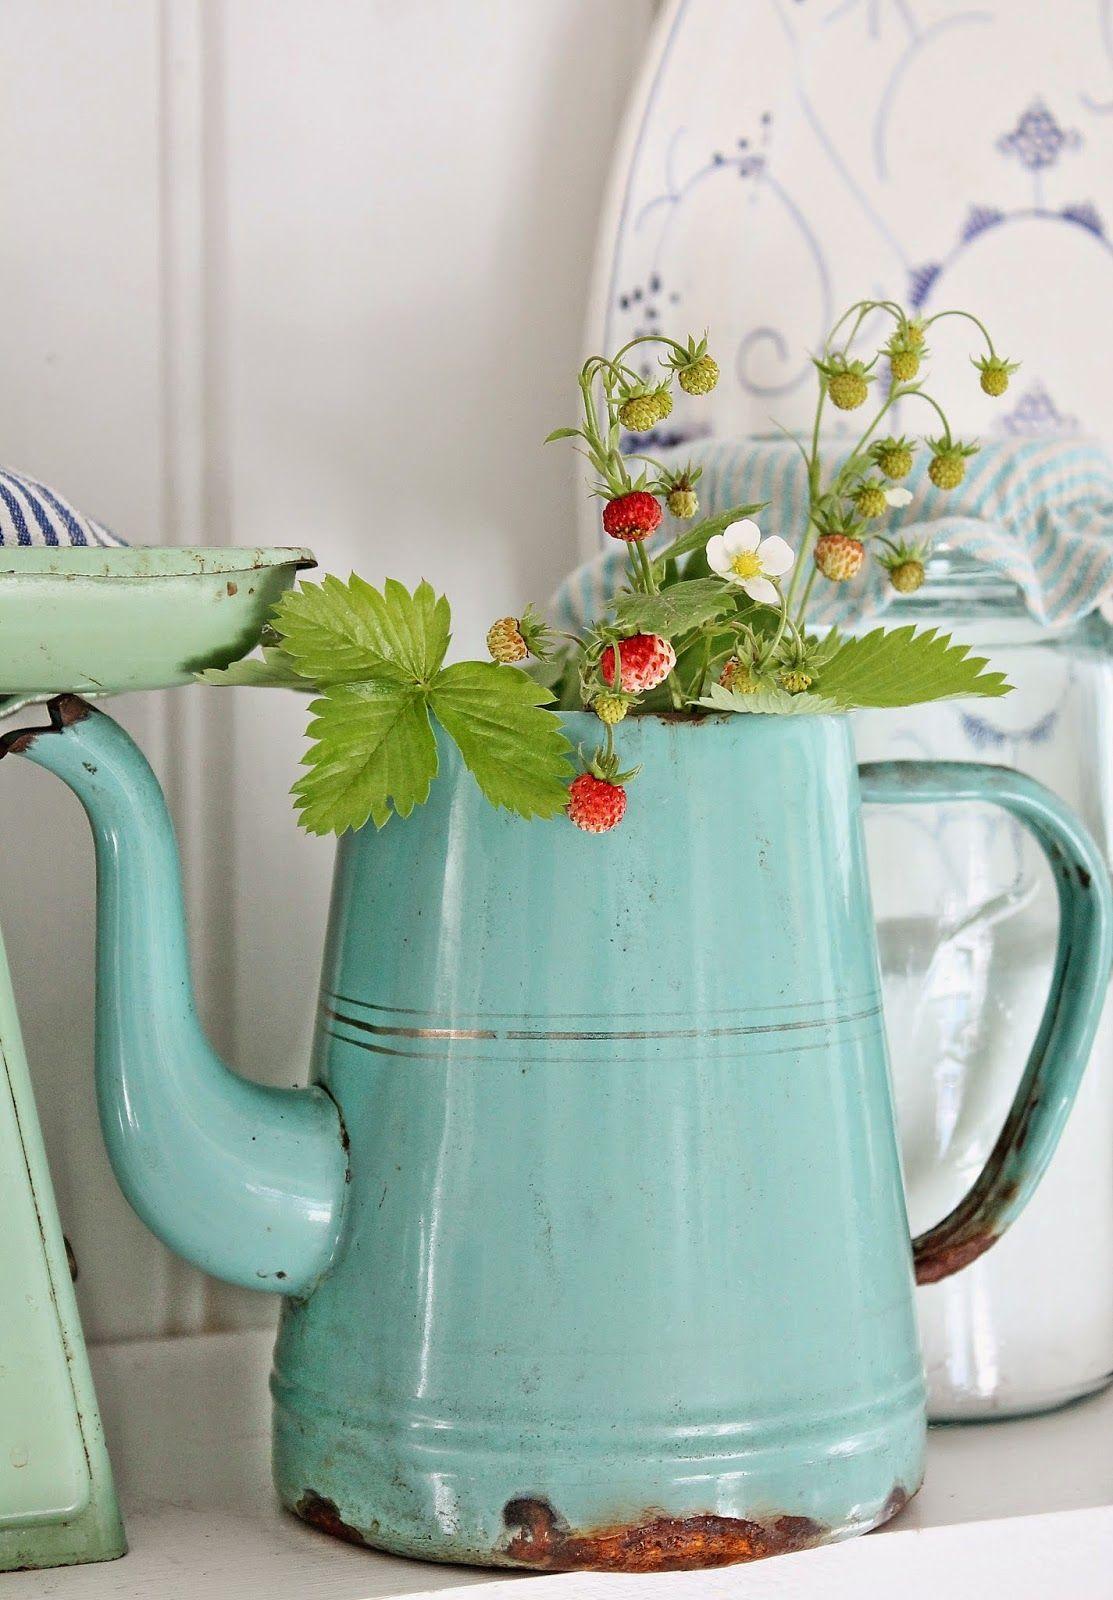 Florero vintage | pichelitos | Pinterest | Tiffany, Turquoise and ...